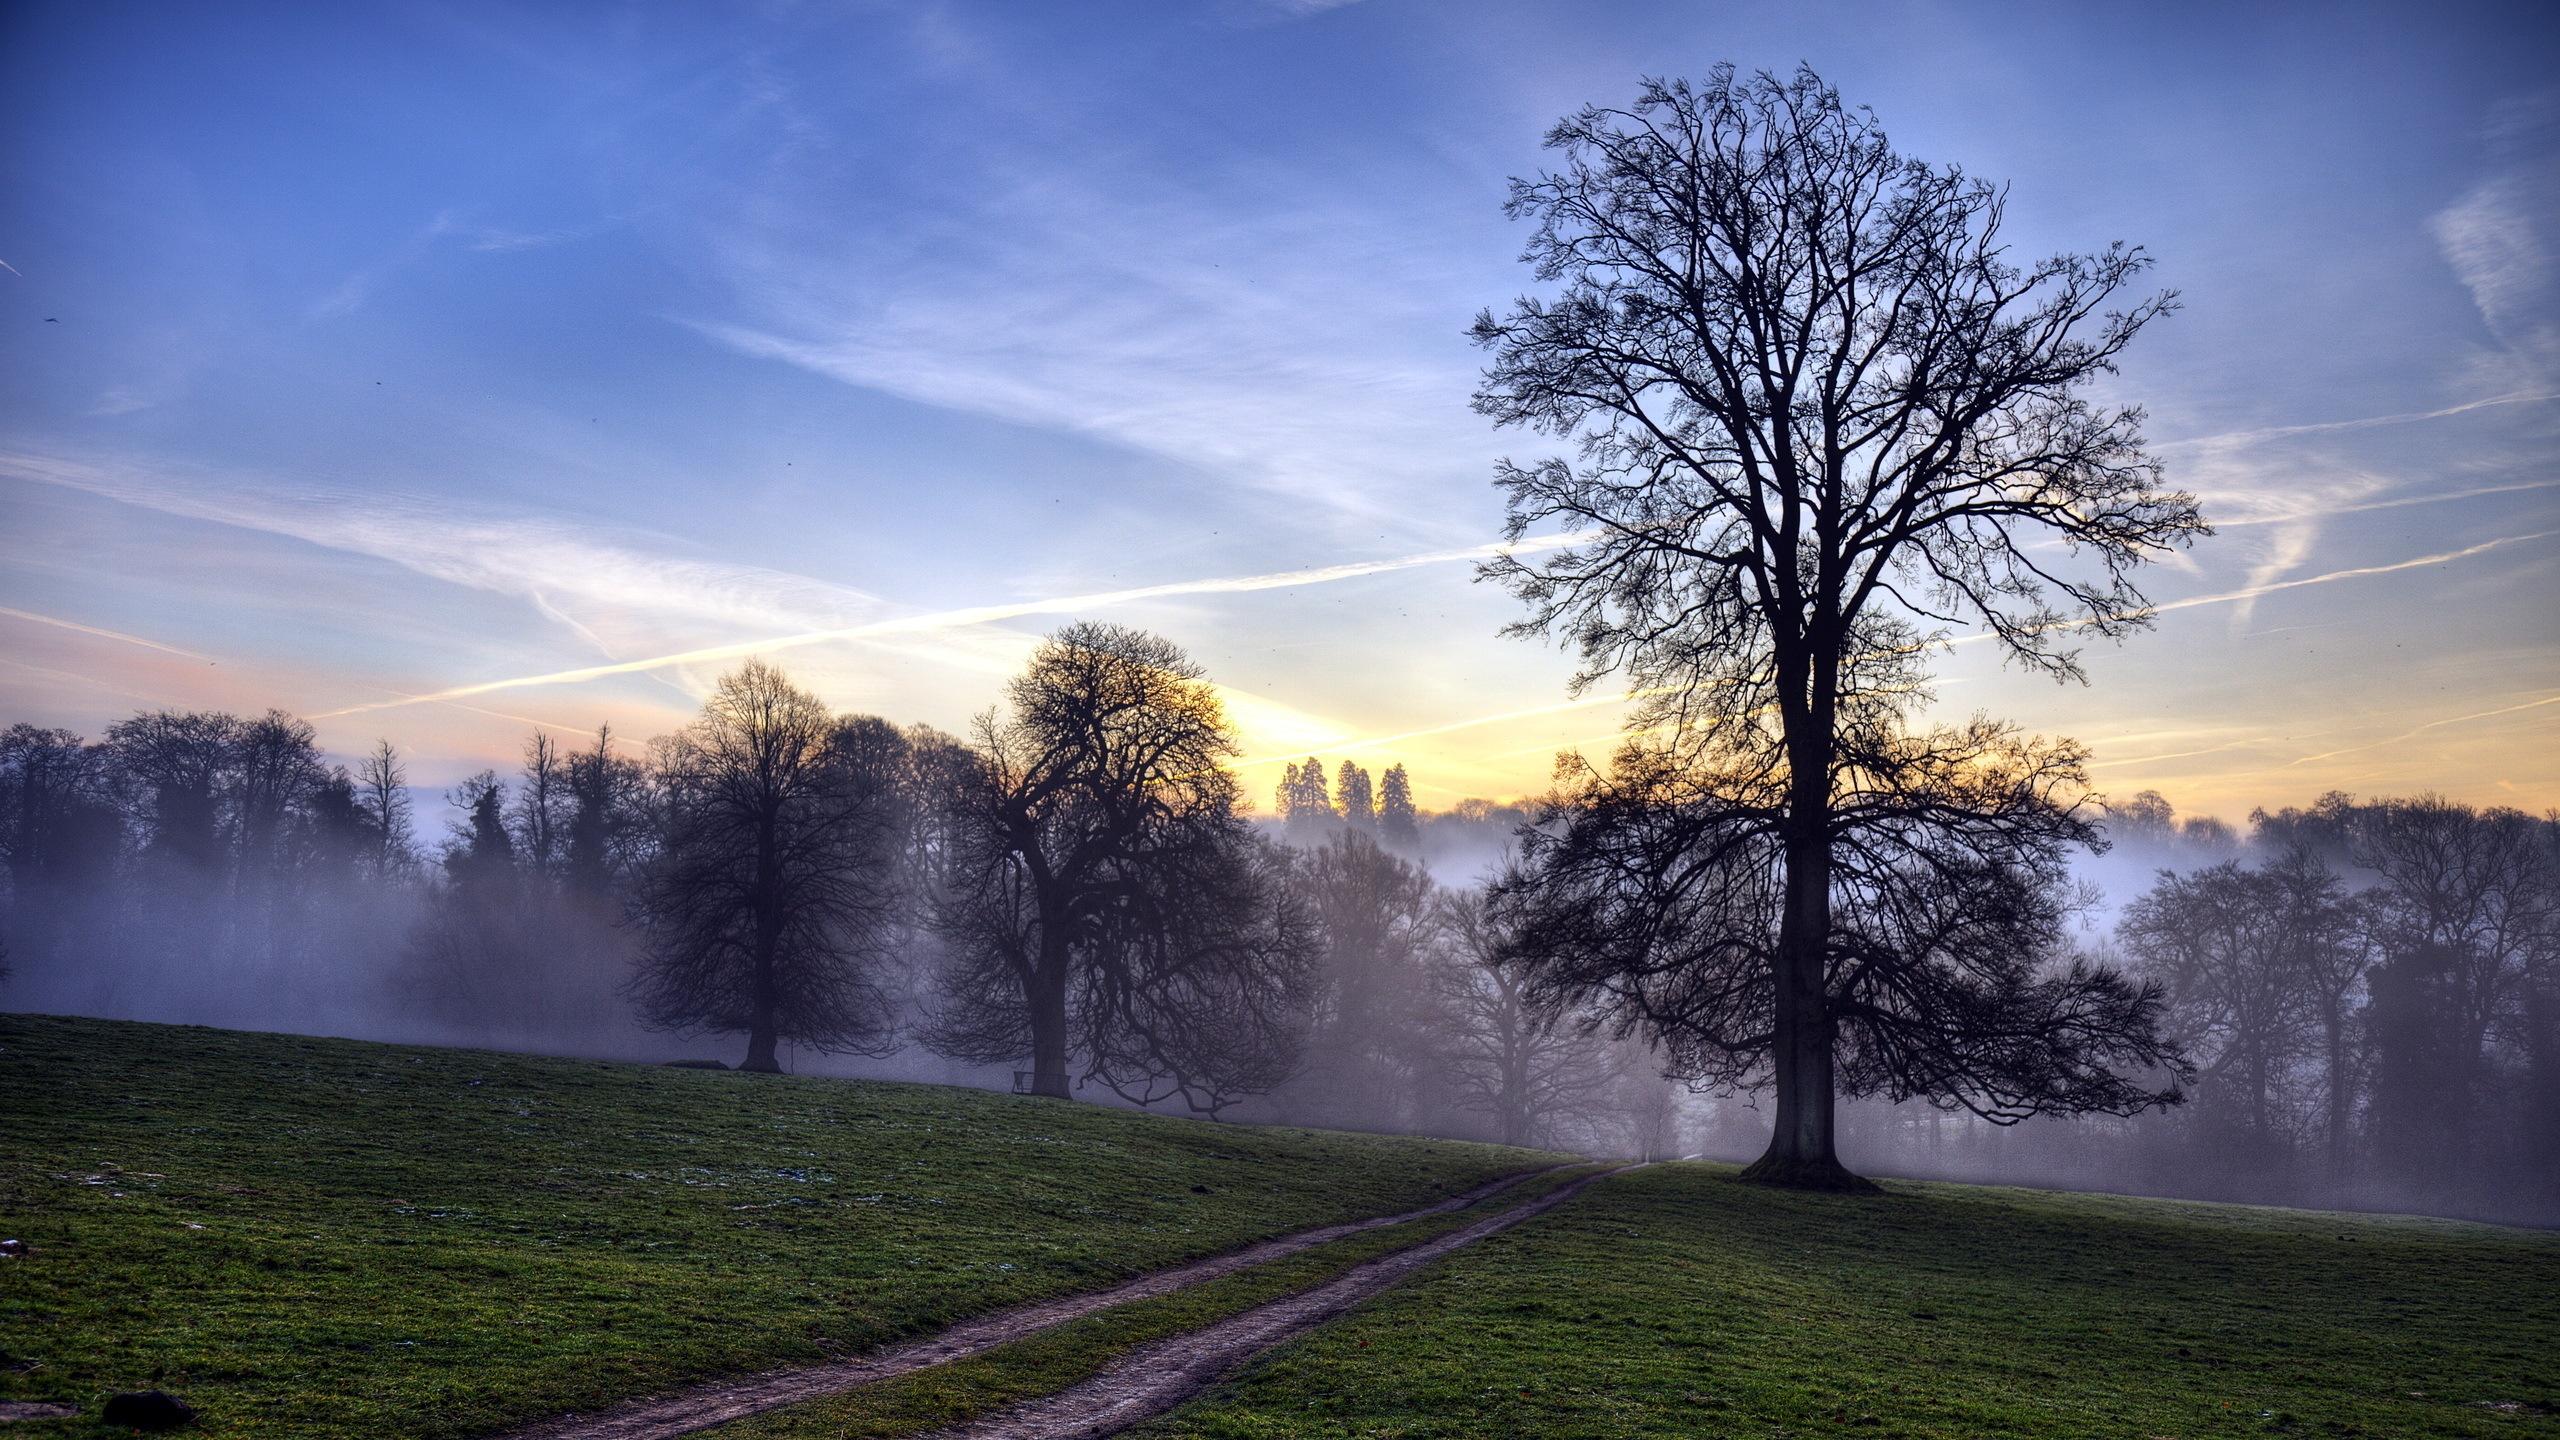 壁纸 清晨的森林,薄雾,树木,阳光光线 2560x1440 QHD 高清壁纸, 图片, 照片